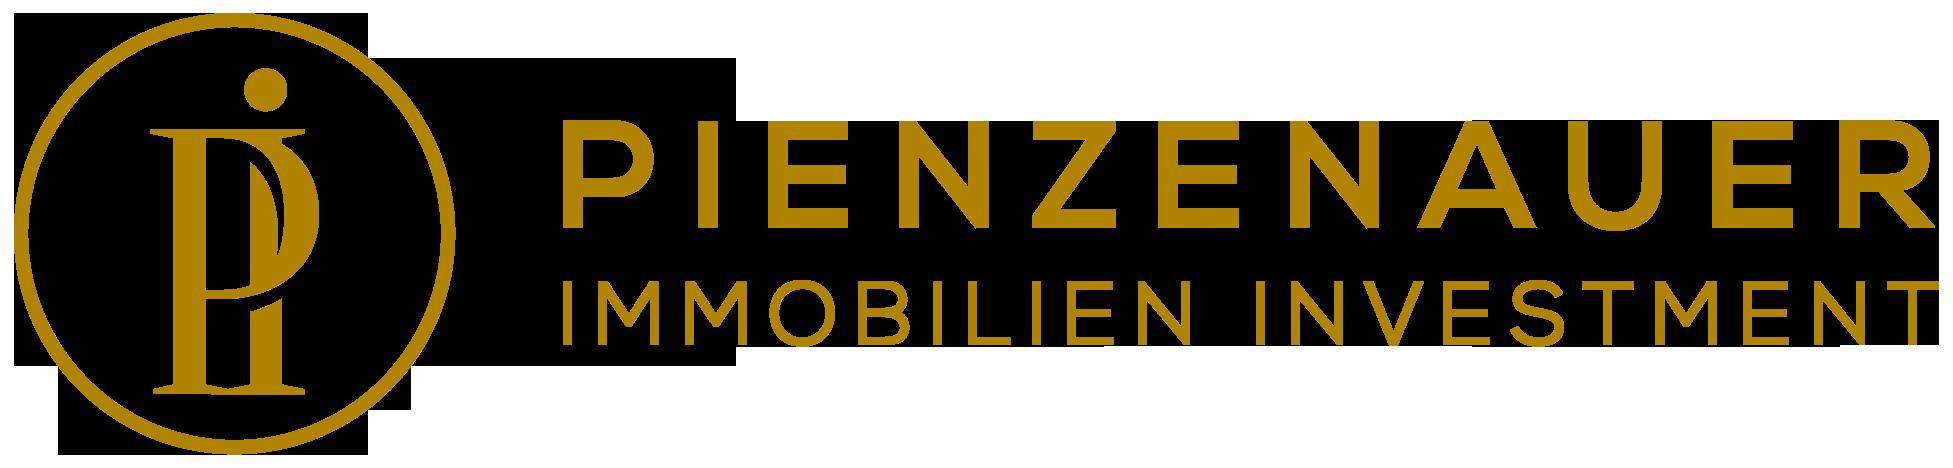 Hier sehen Sie das Logo von PIENZENAUER Immobilien